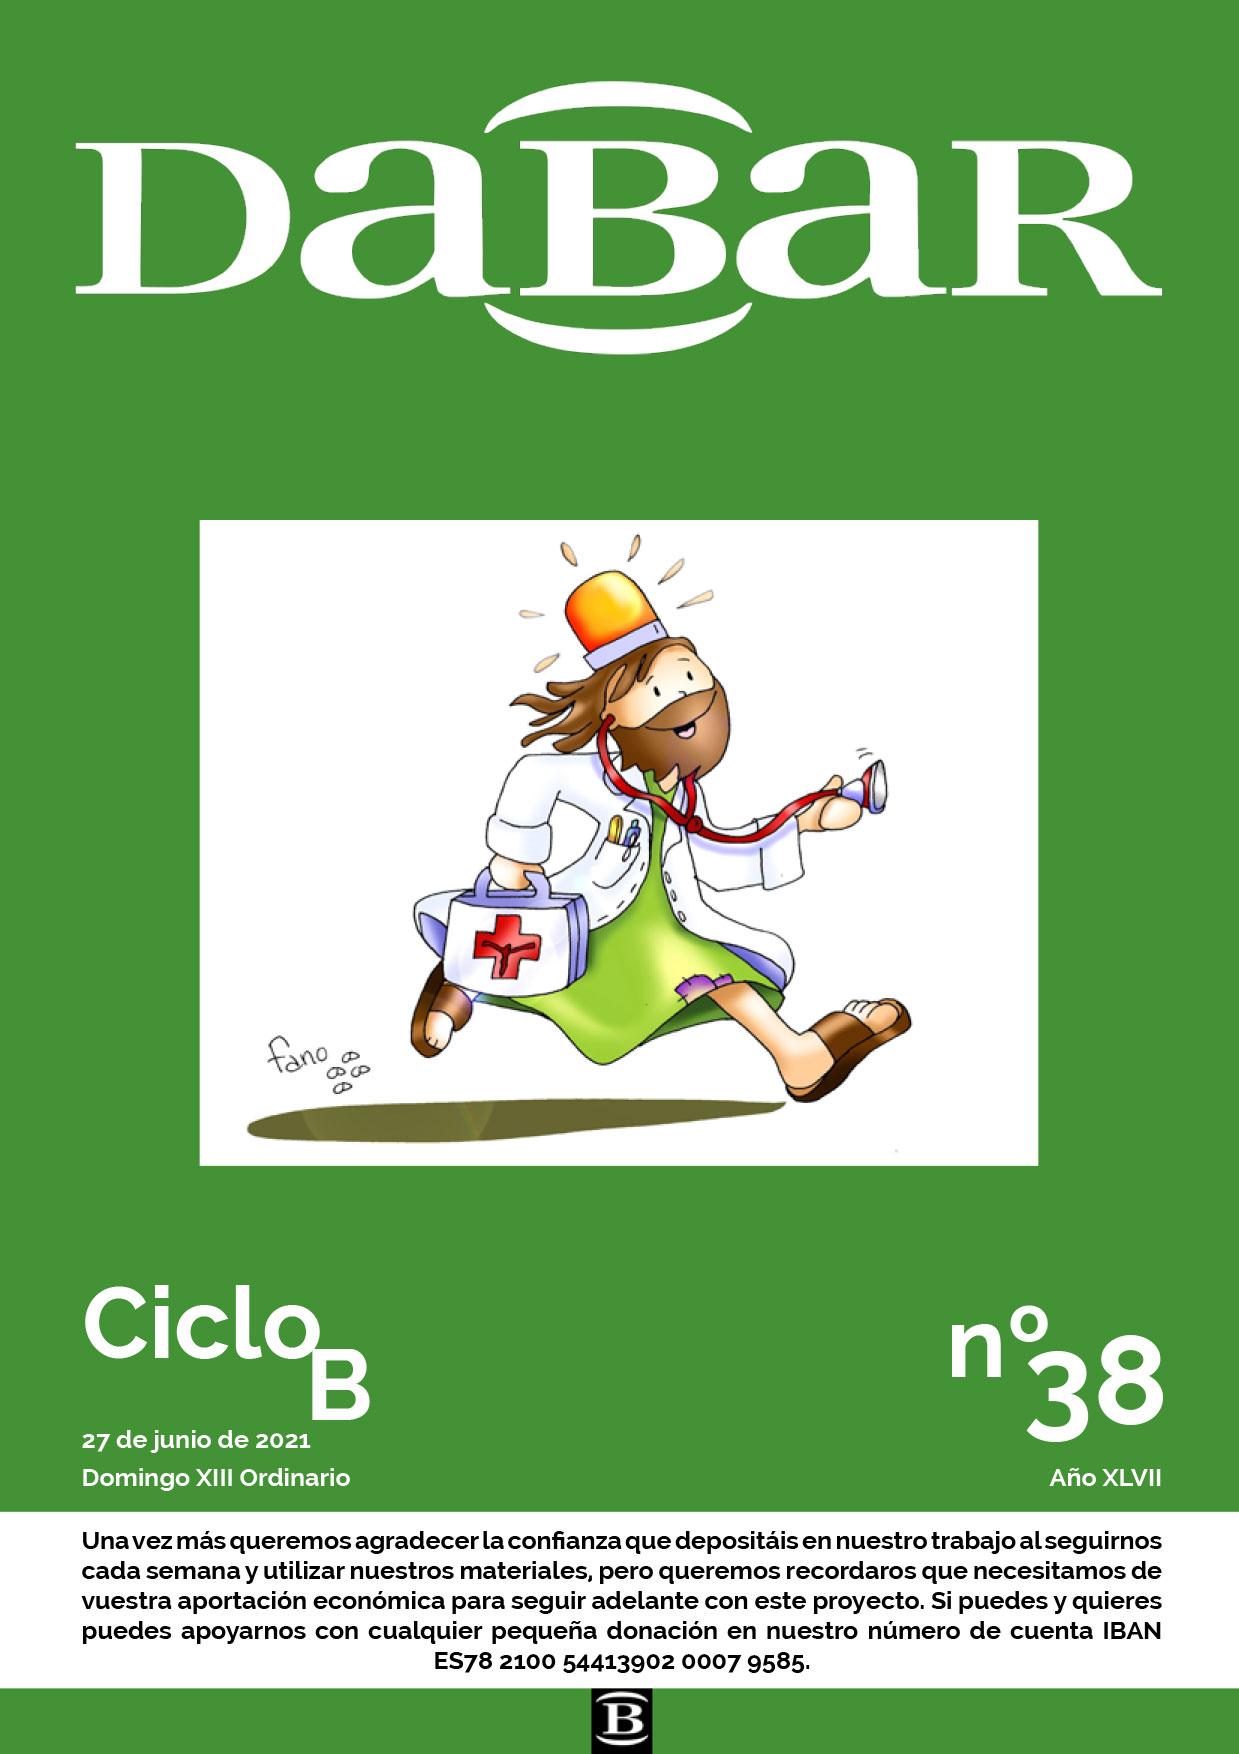 Dabar Revista numero 38 ciclo B